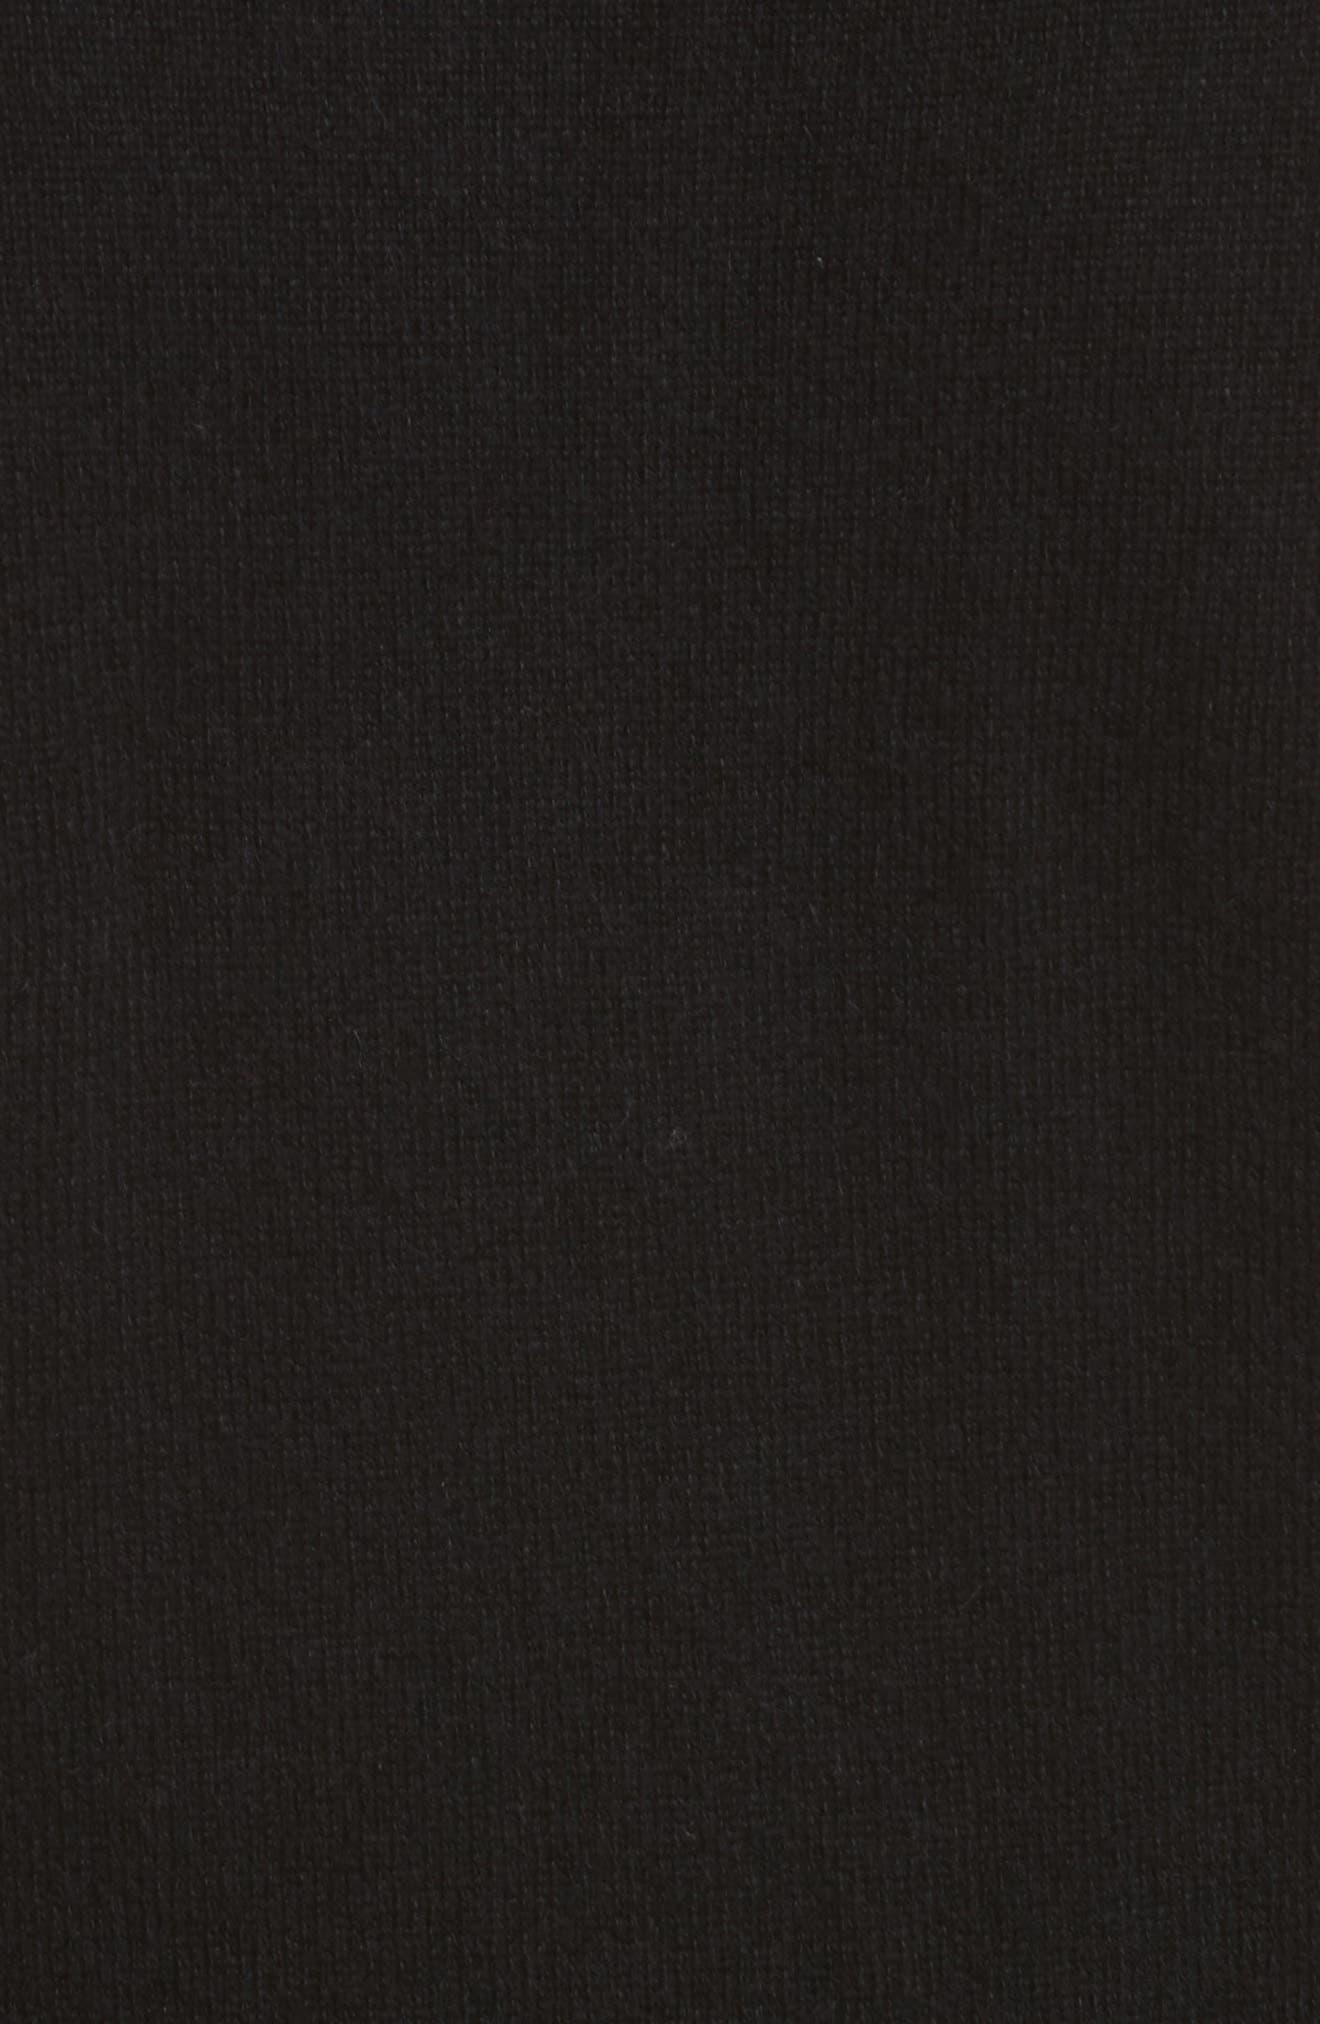 Cashmere Cold Shoulder Turtleneck Sweater Dress,                             Alternate thumbnail 9, color,